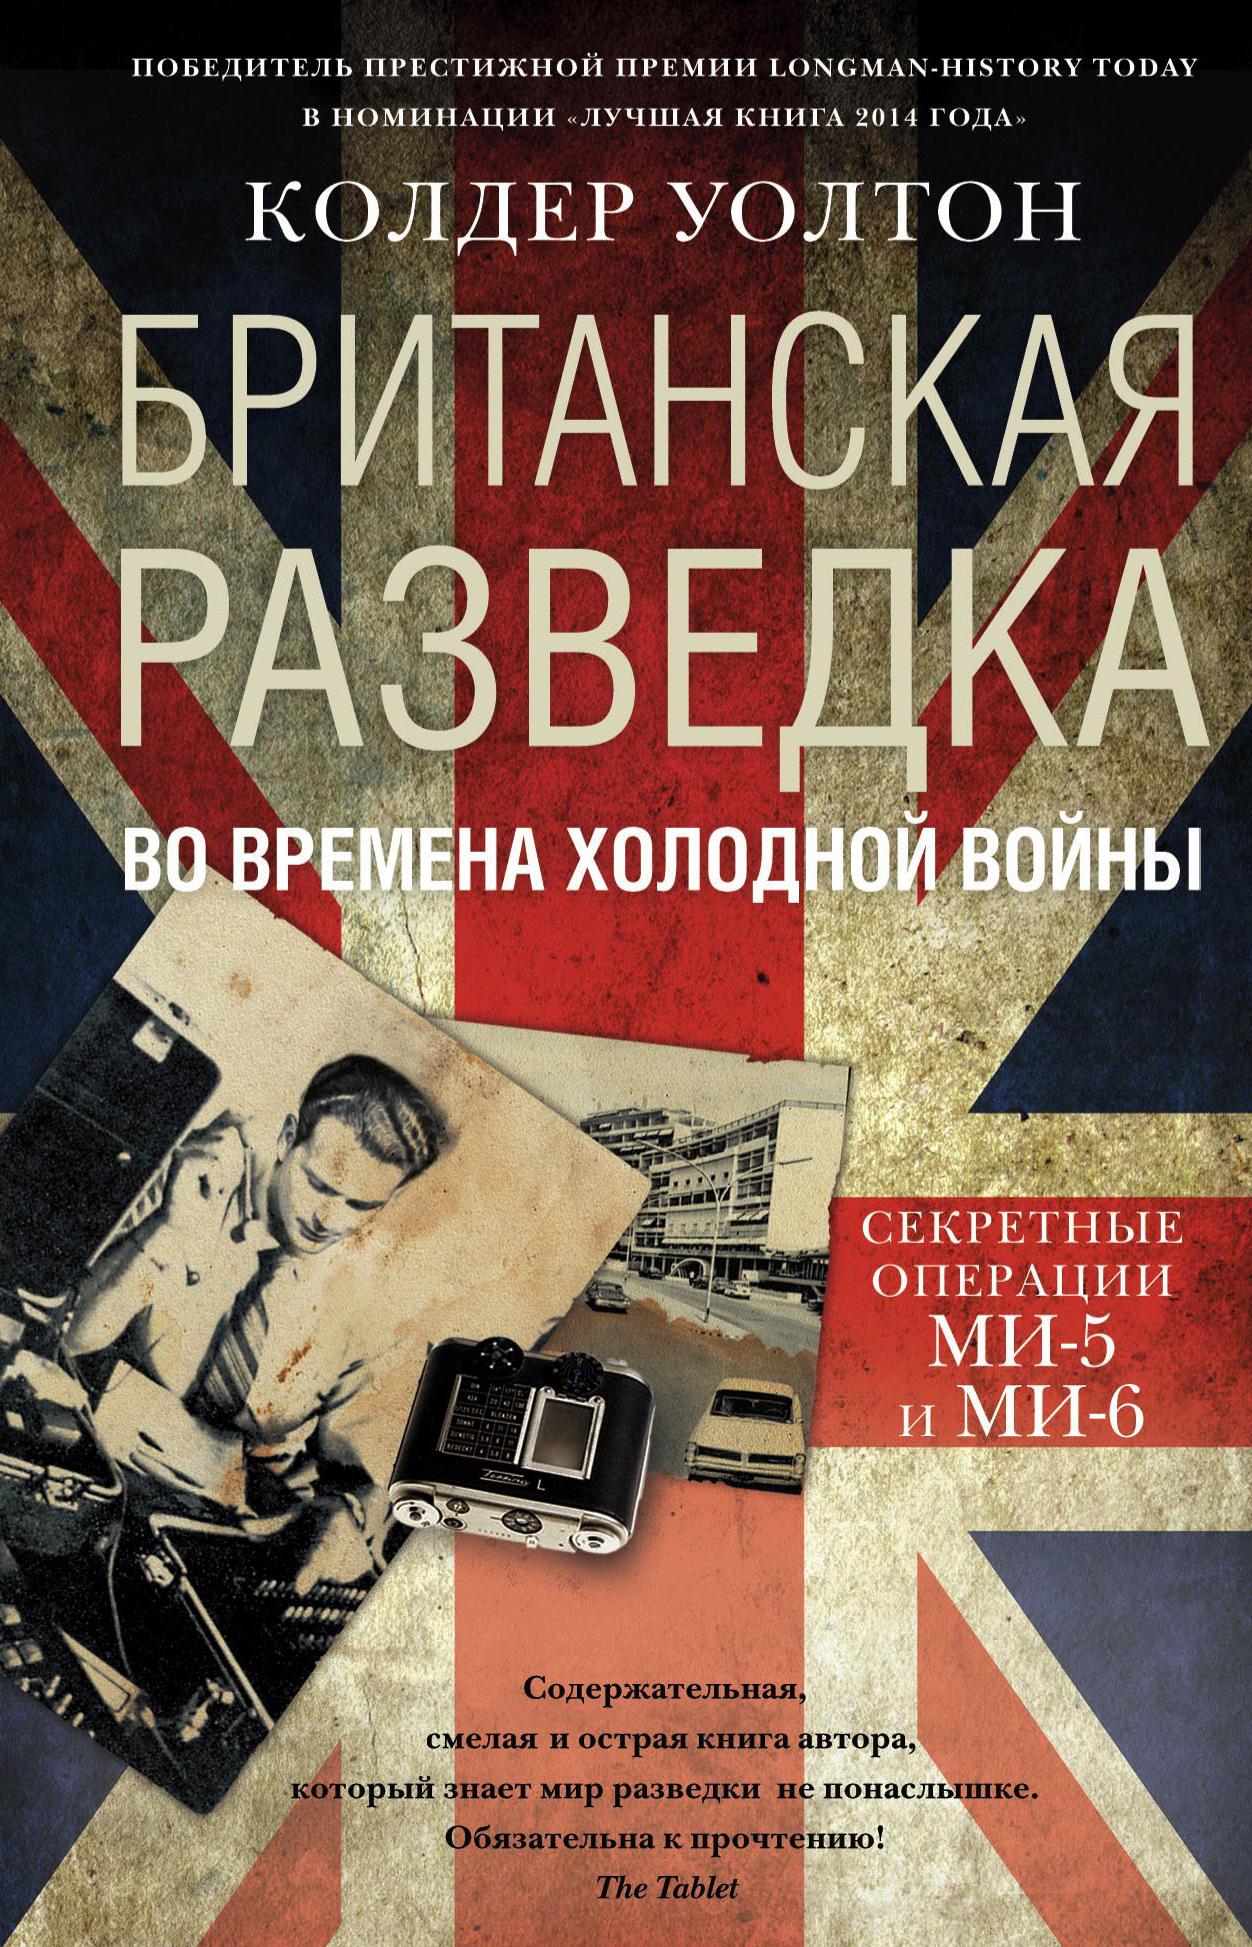 Колдер Уолтон Британская разведка во времена холодной войны. Секретные операции МИ-5 и МИ-6 уолтон д среди других